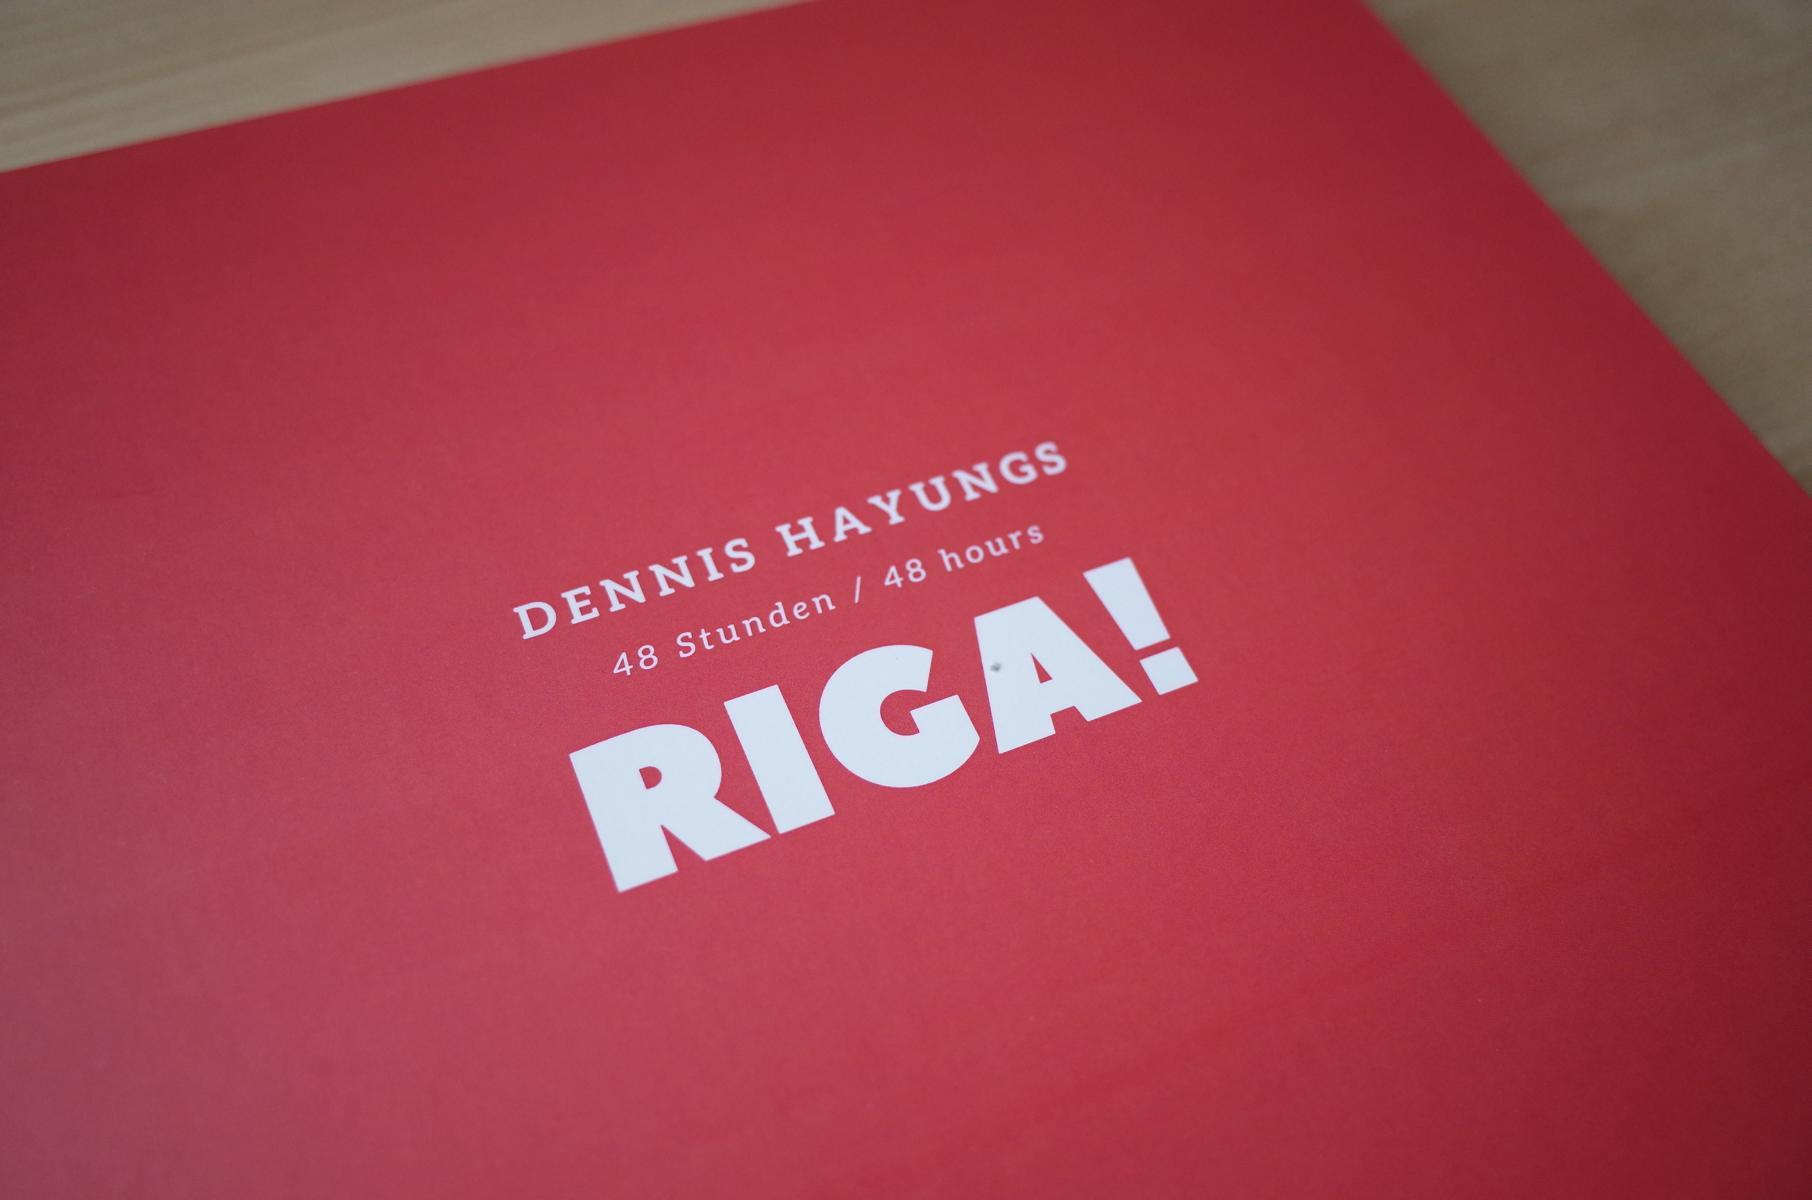 Buchcover des Riga-Bildbands